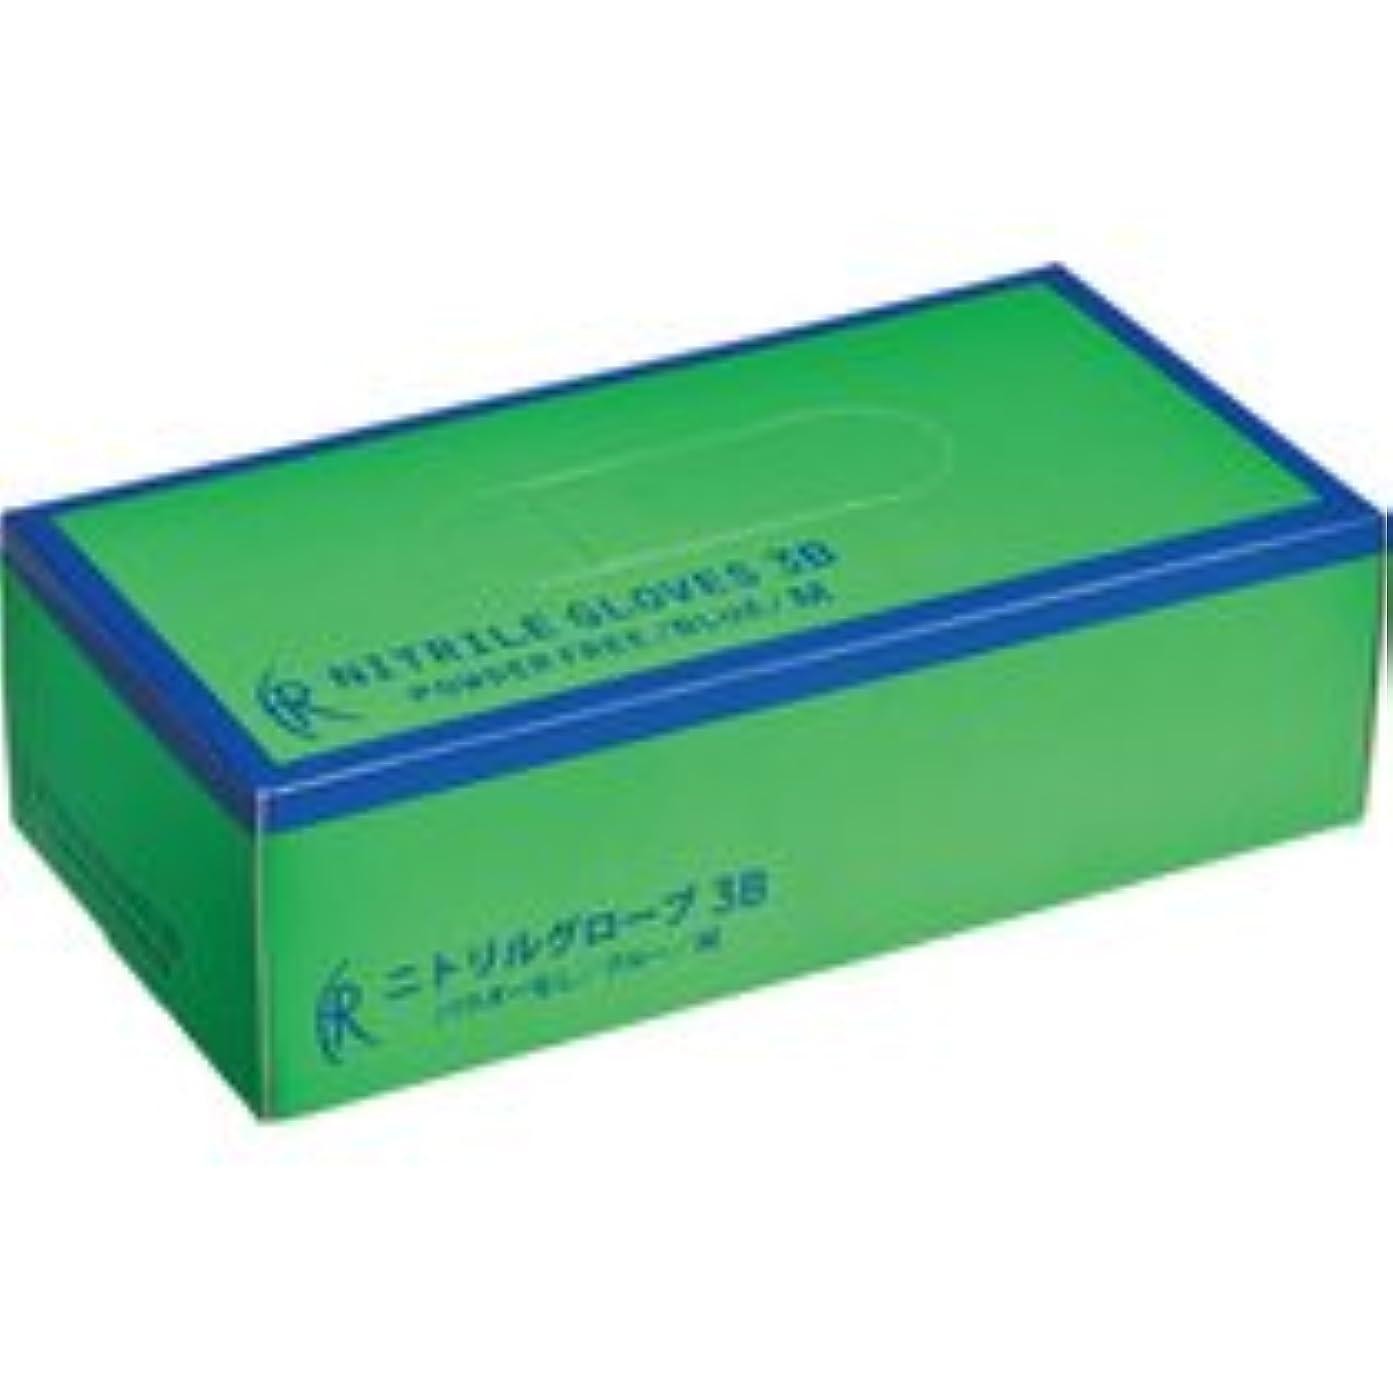 スイング米ドルハウジングファーストレイト ニトリルグローブ3B パウダーフリー M FR-5662 1箱(200枚)